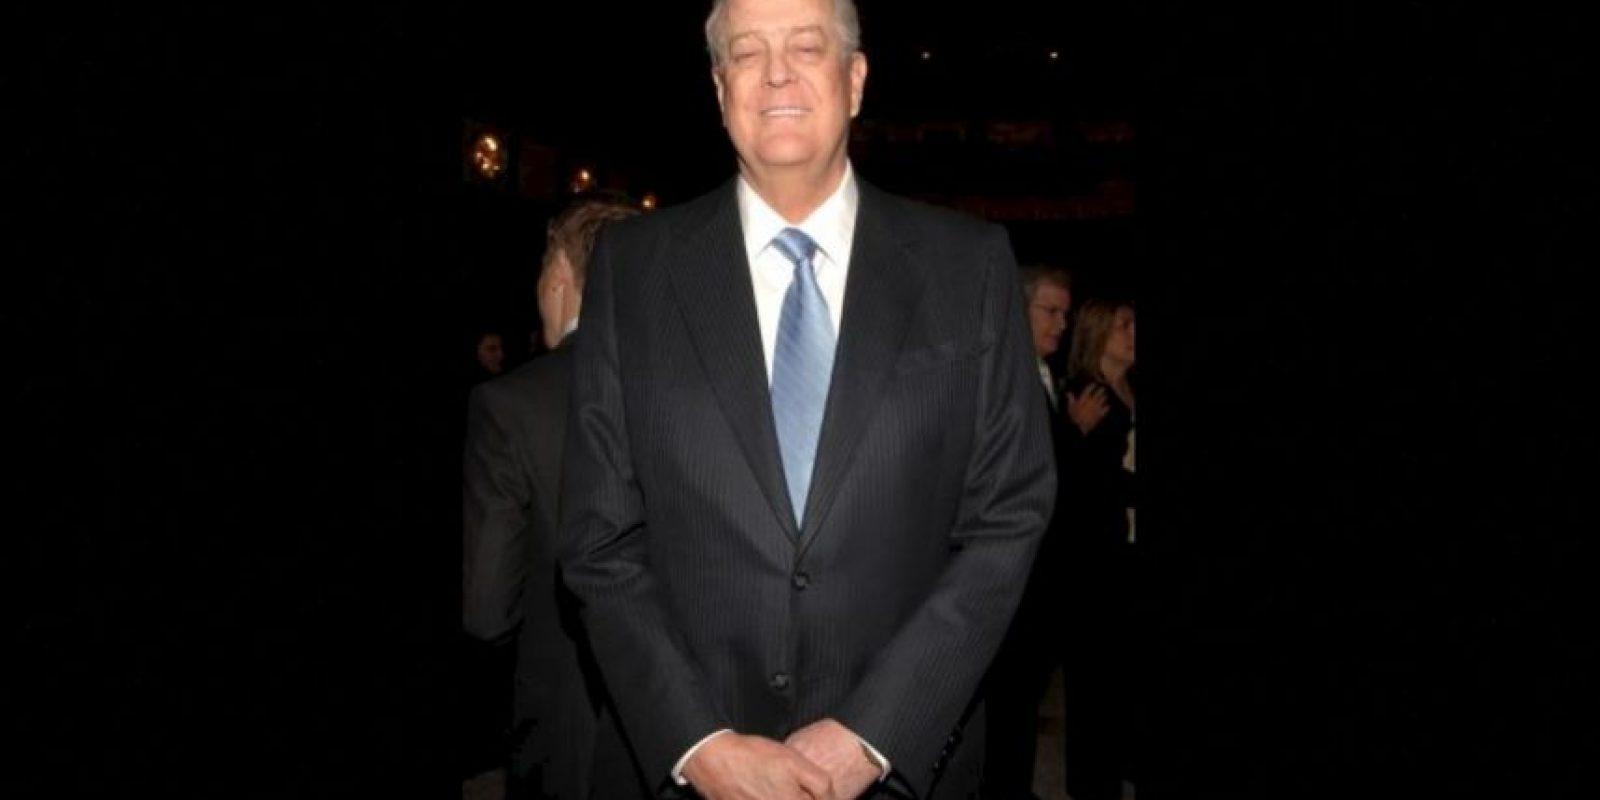 6. David Koch, de 75 años. Su fortuna se estima en 42 mil 900 millones de dólares Foto:Getty Images